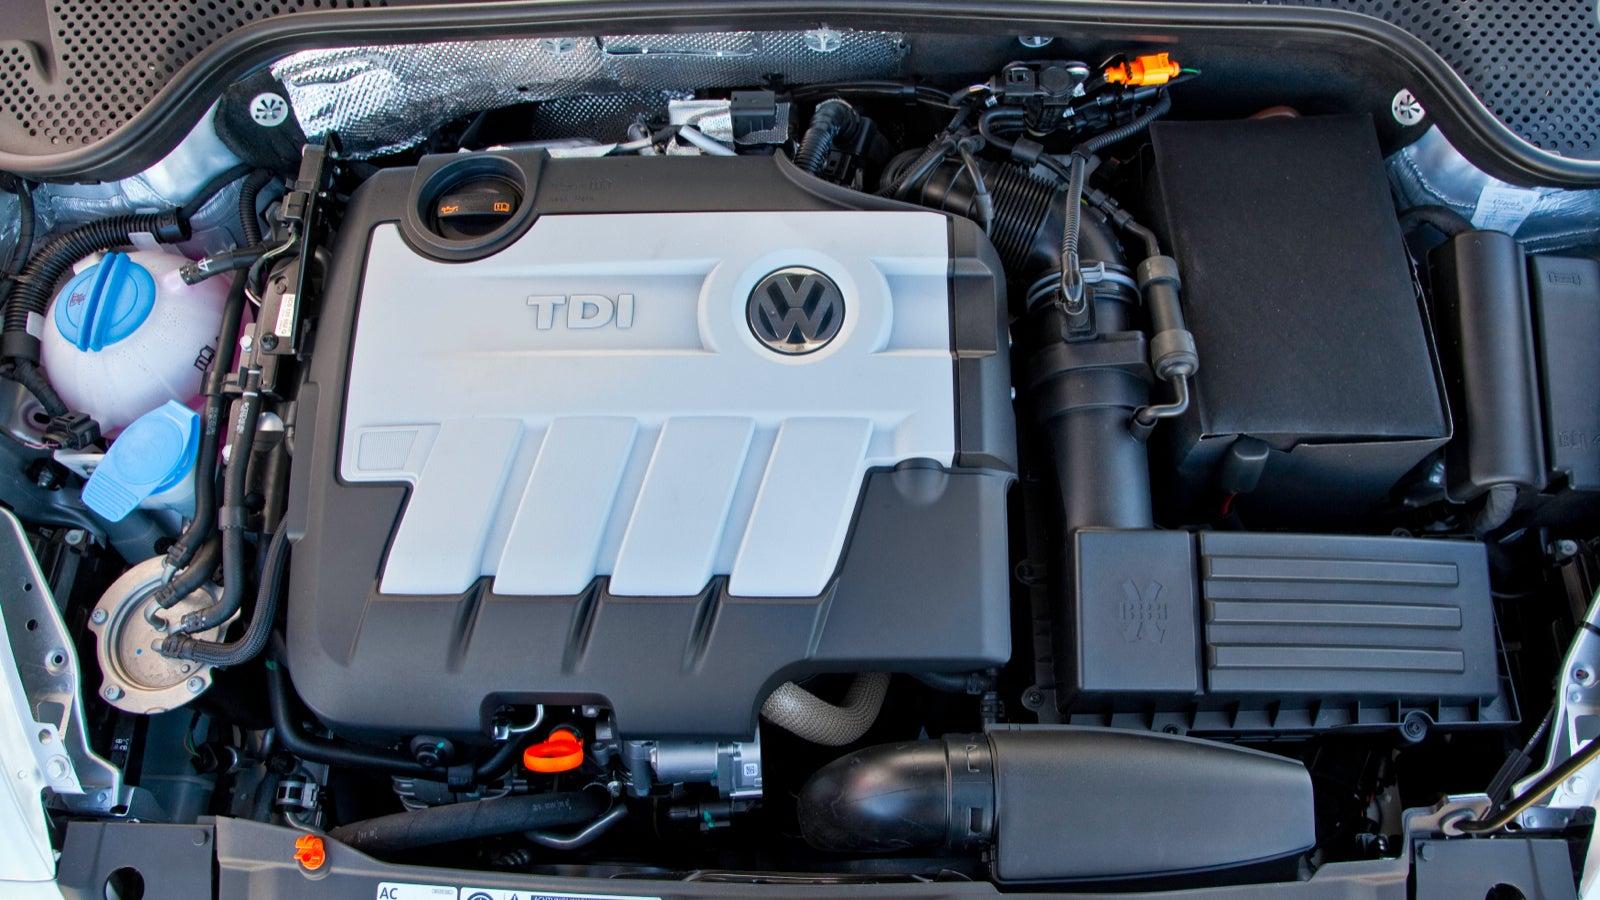 are fuel pump failures sidelining volkswagen s diesel engines 2004 Volkswagen Beetle Turbo Parts 2006 VW Beetle Turbo